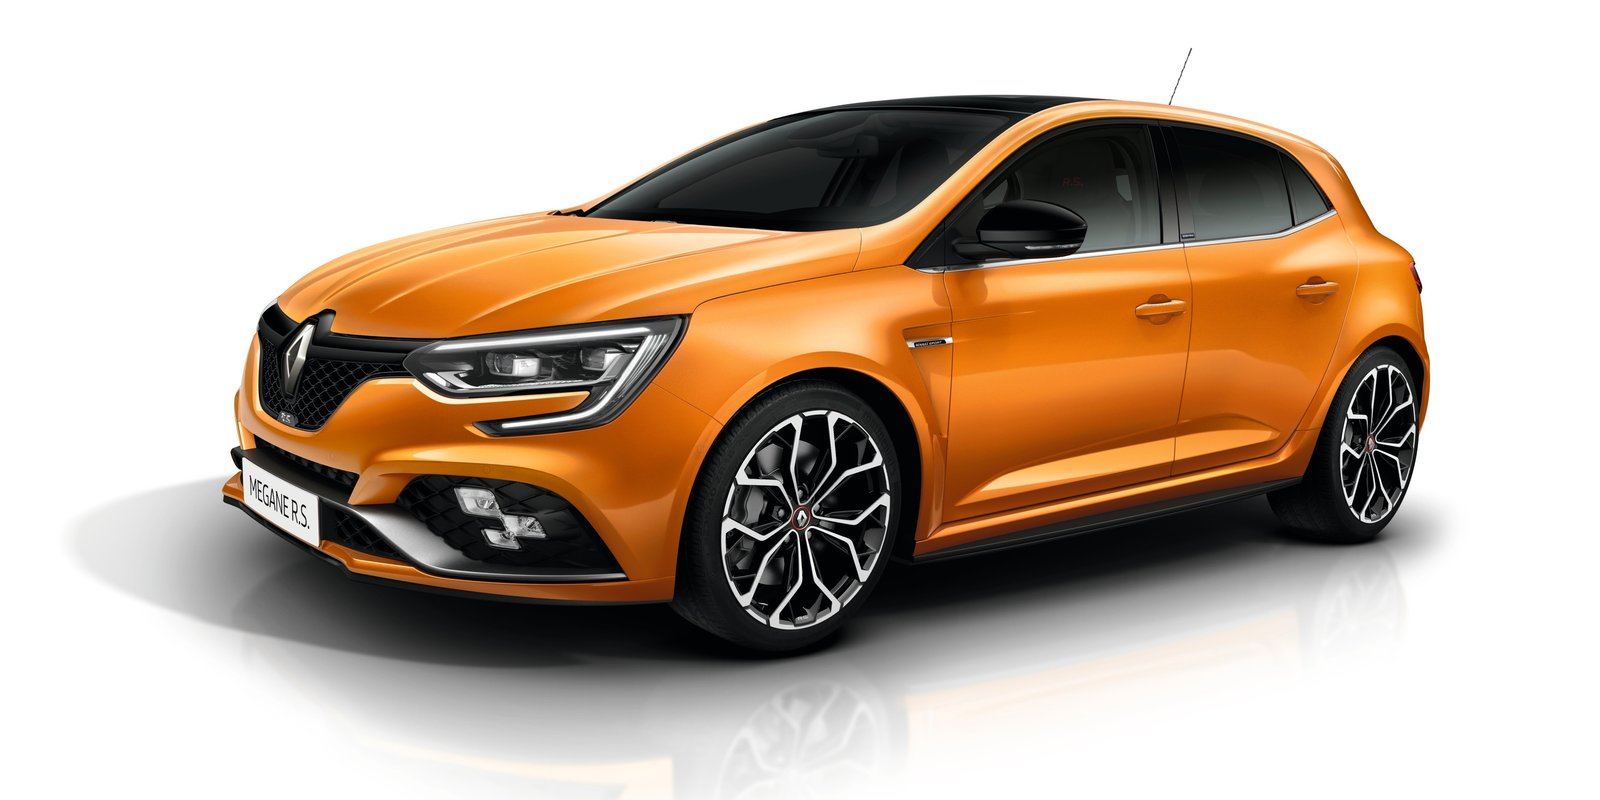 Megane Rs 2017 >> 2018 Renault Megane Rs Revealed Redline